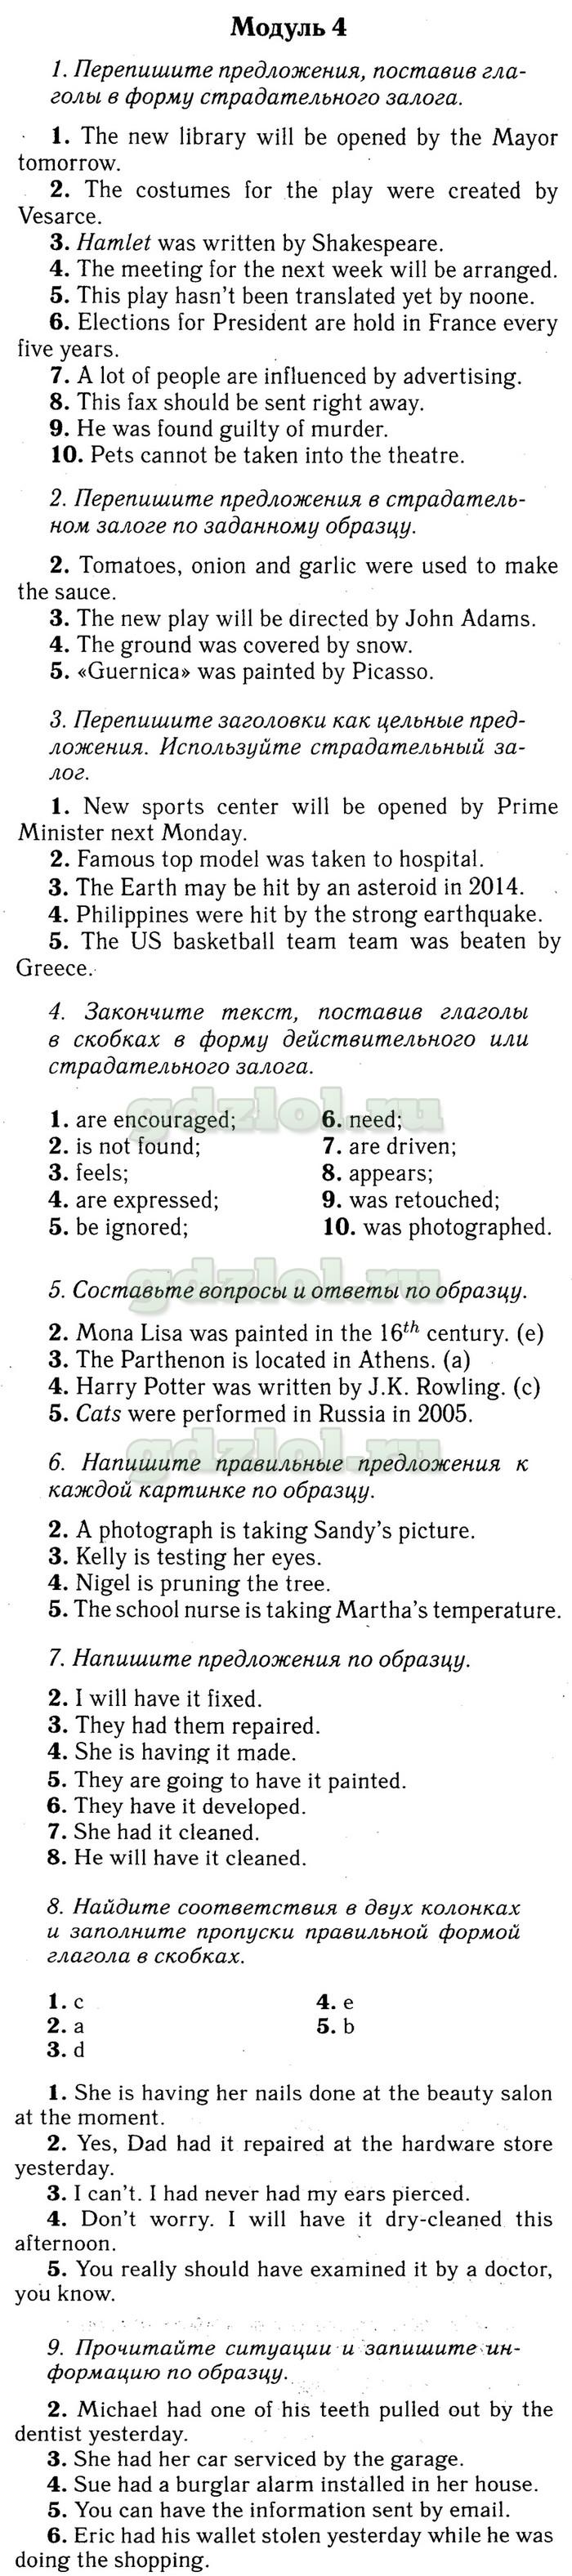 Ответы по английскому 11 класса grammar check